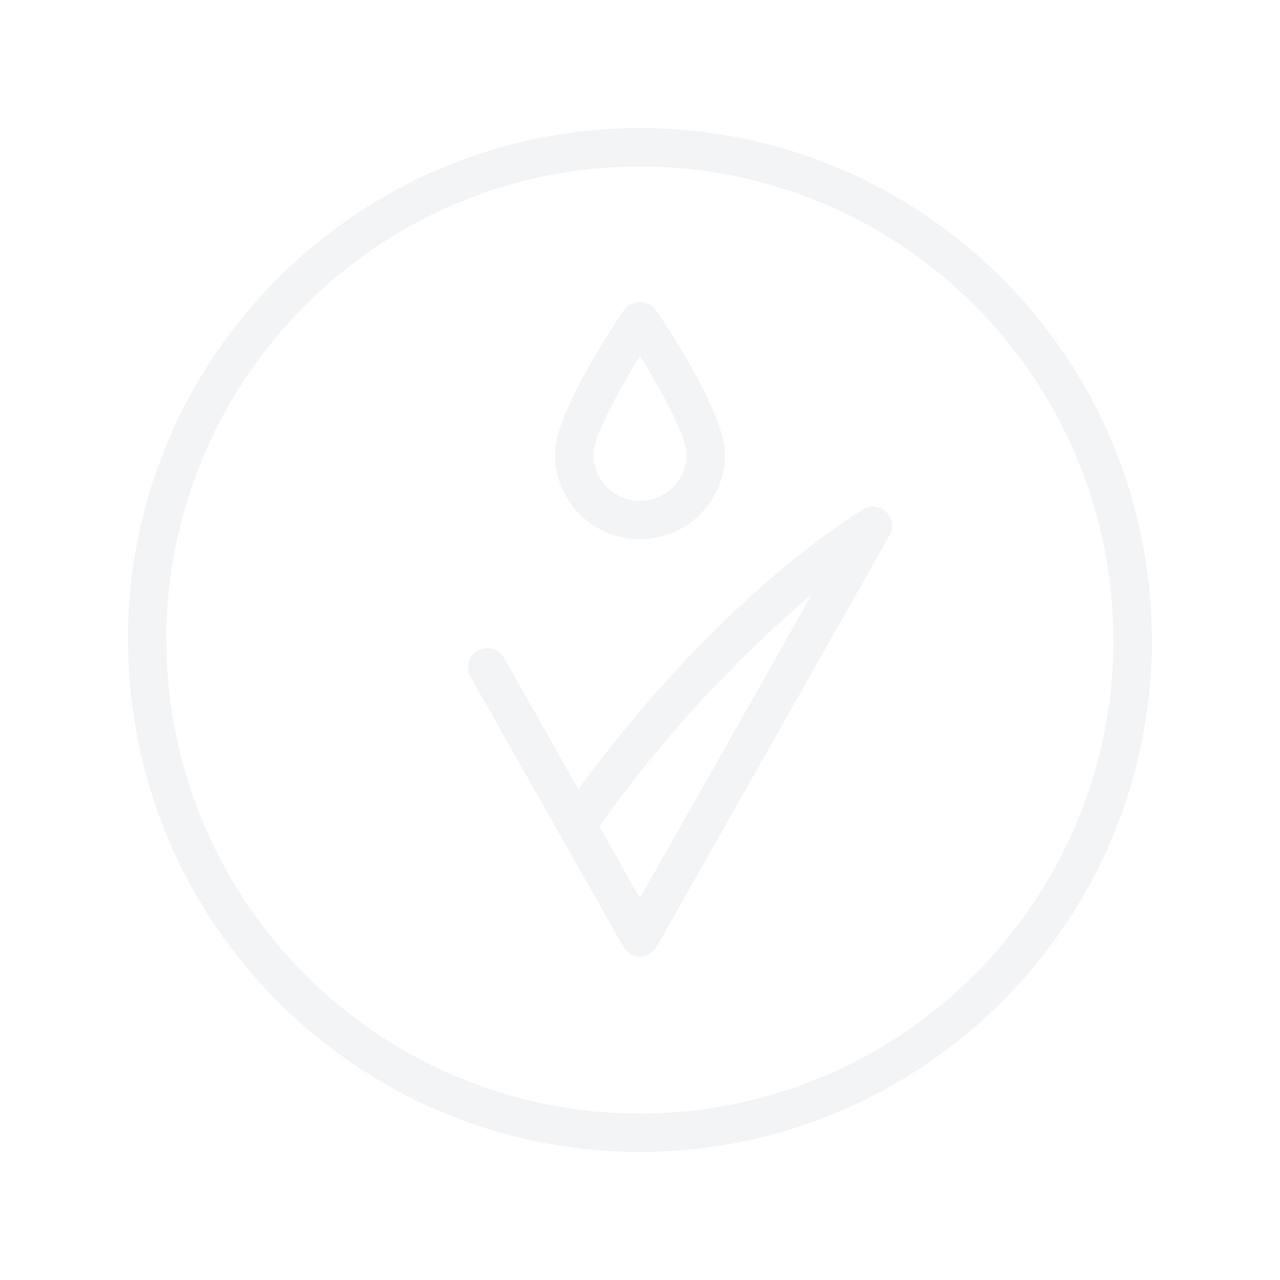 BAREMINERALS Bareskin Serum Foundation SPF20 30ml